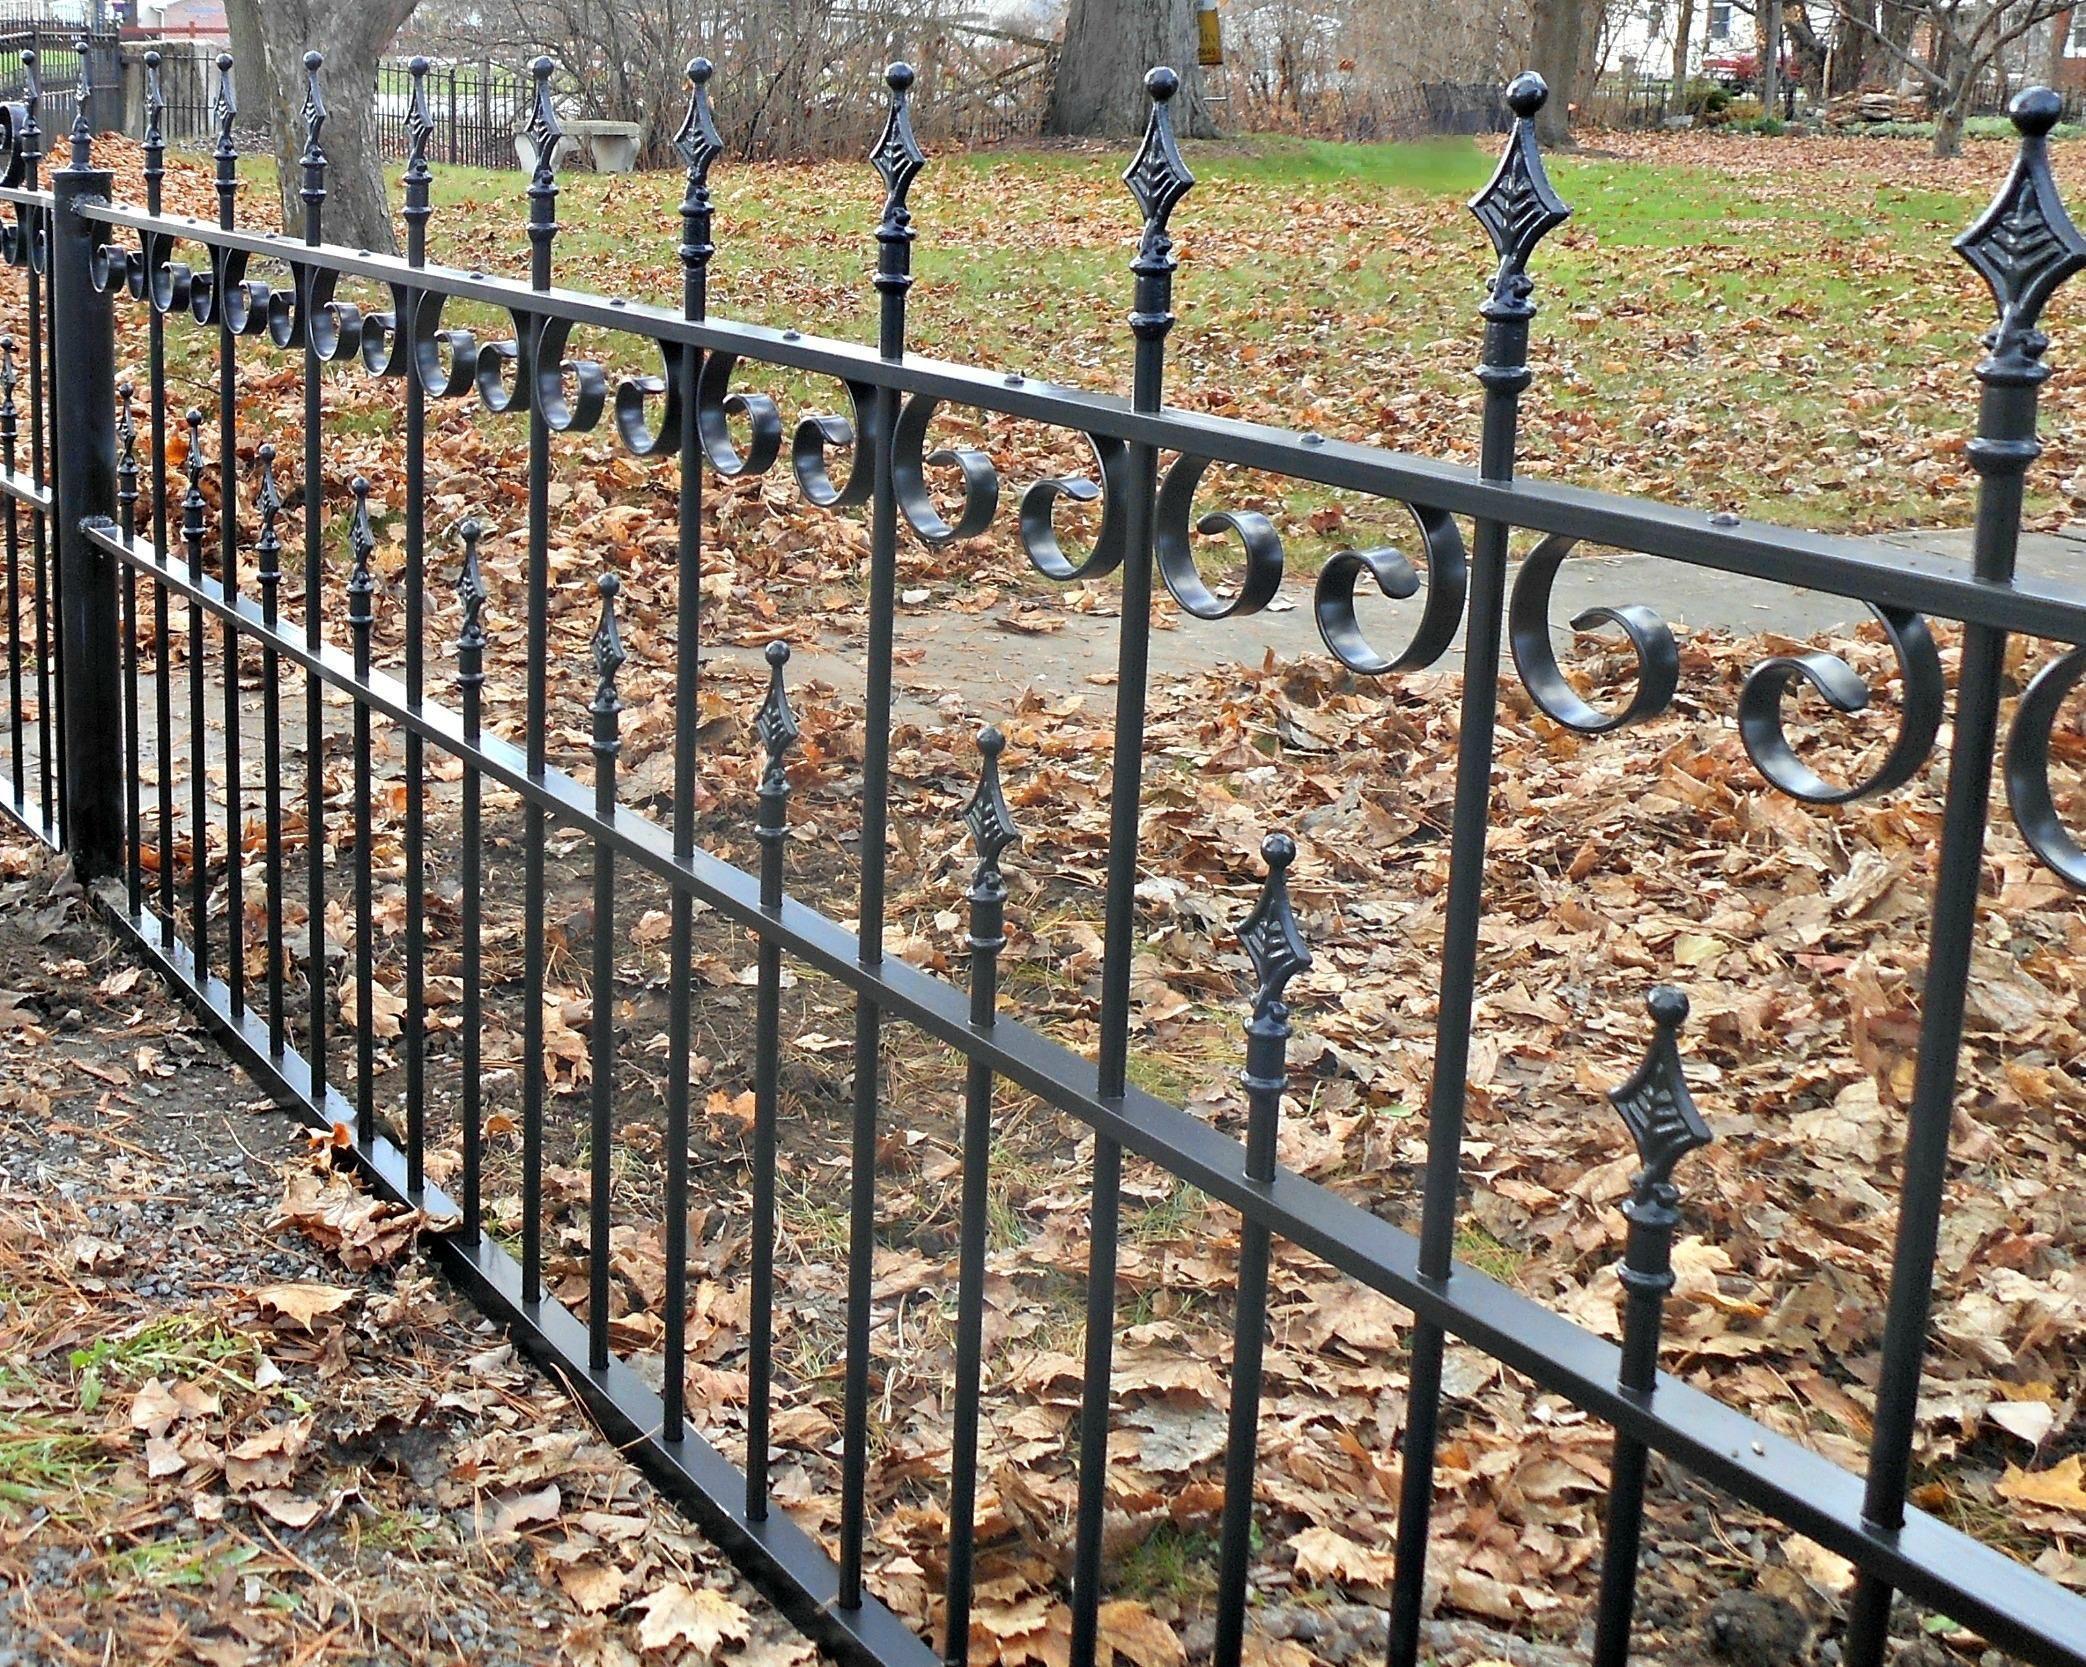 Amazing Antique Wrought Iron Fence Panels Setting Up The Garden Fence Correct Amazing Antique Correct Fenc In 2020 Fence Design Iron Fence Wrought Iron Fences